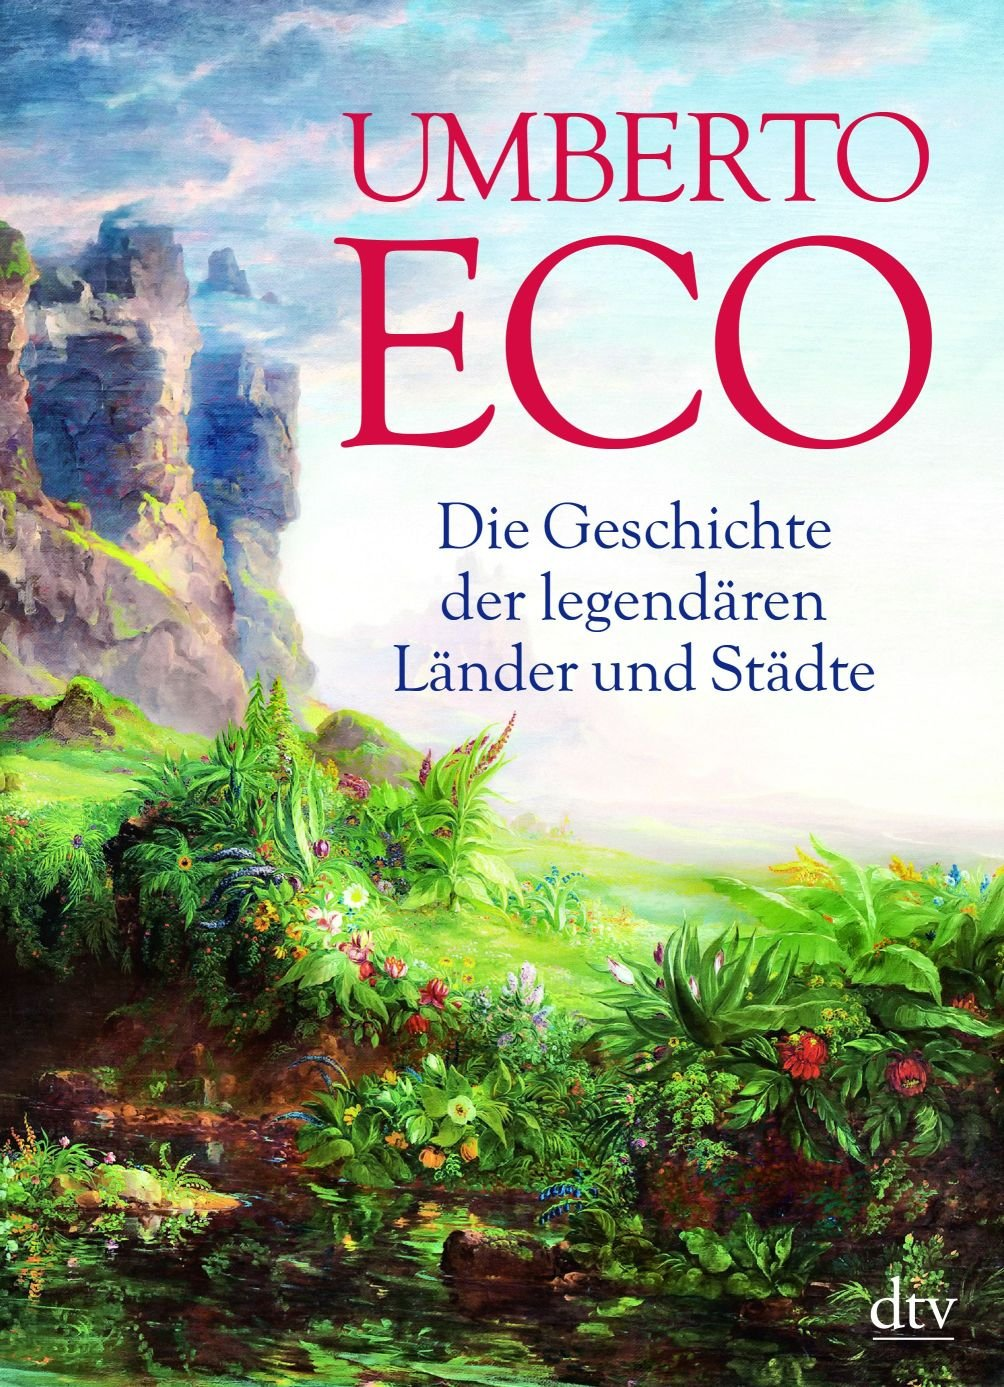 Eco_Die Geschichte der l St u L